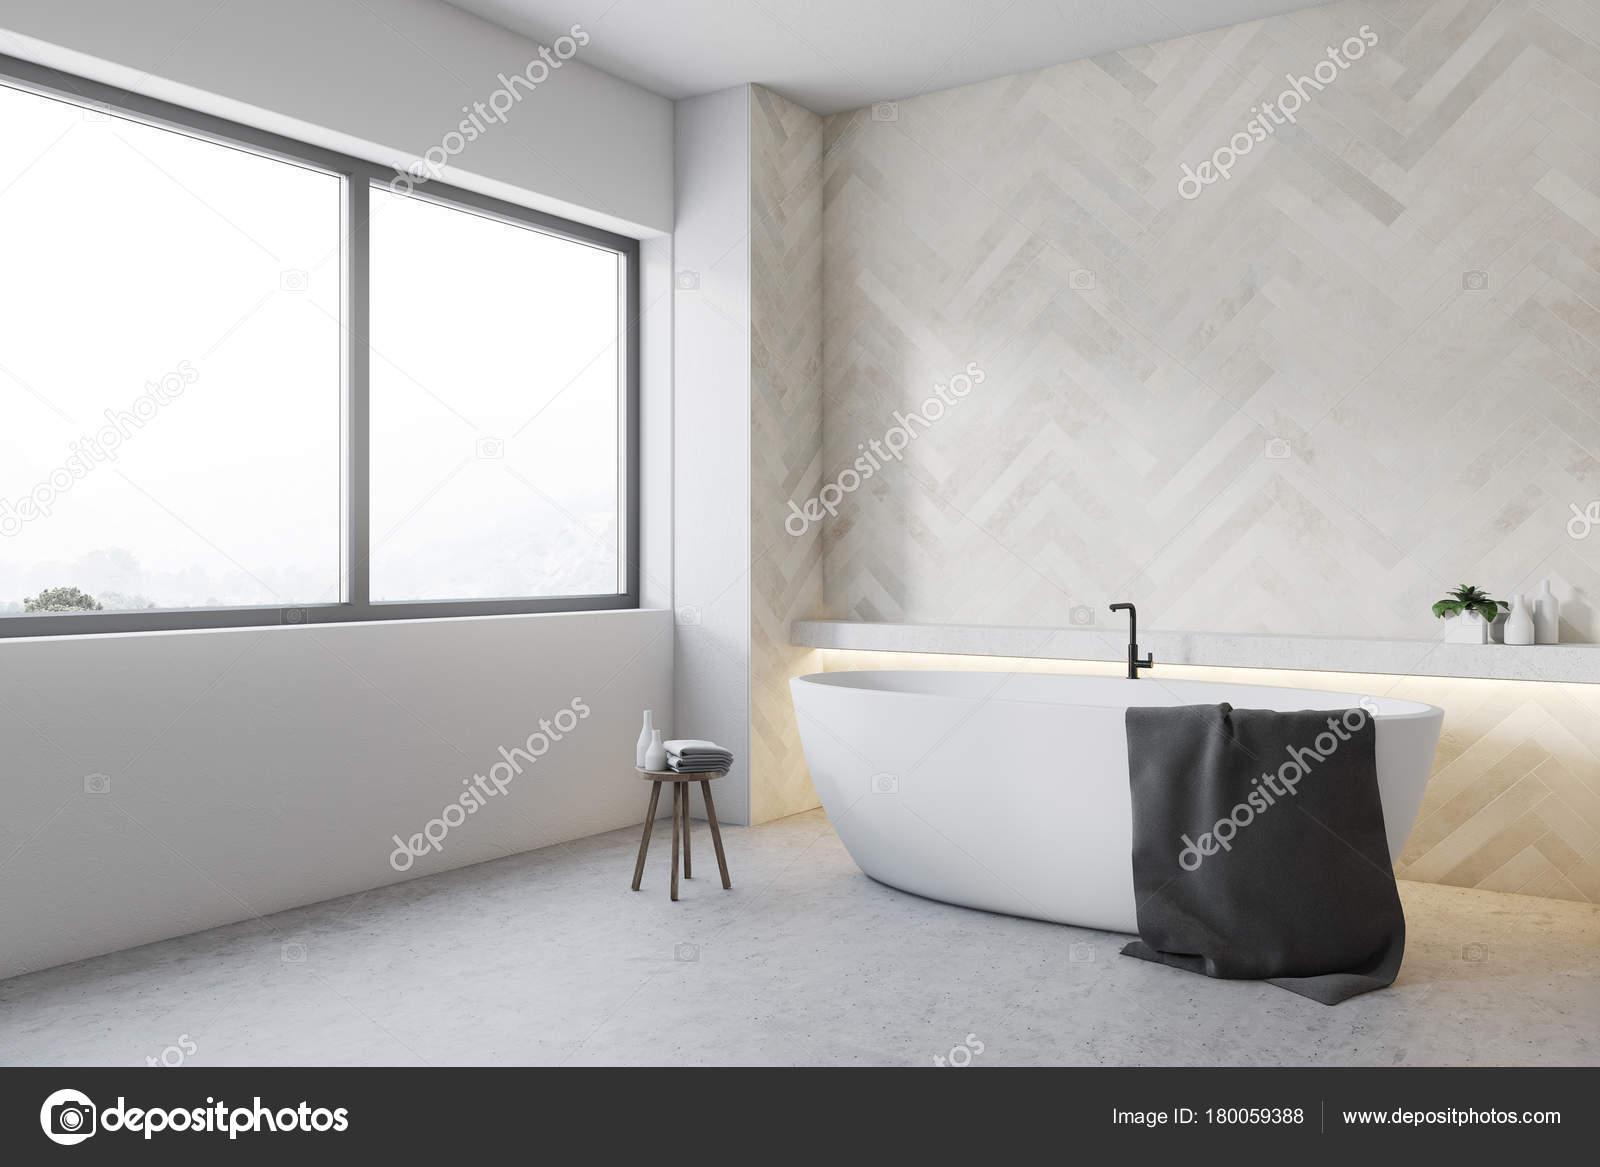 Bagno Legno Bianco : Bagno in legno bianco arrotondamento angolo idromassaggio u foto